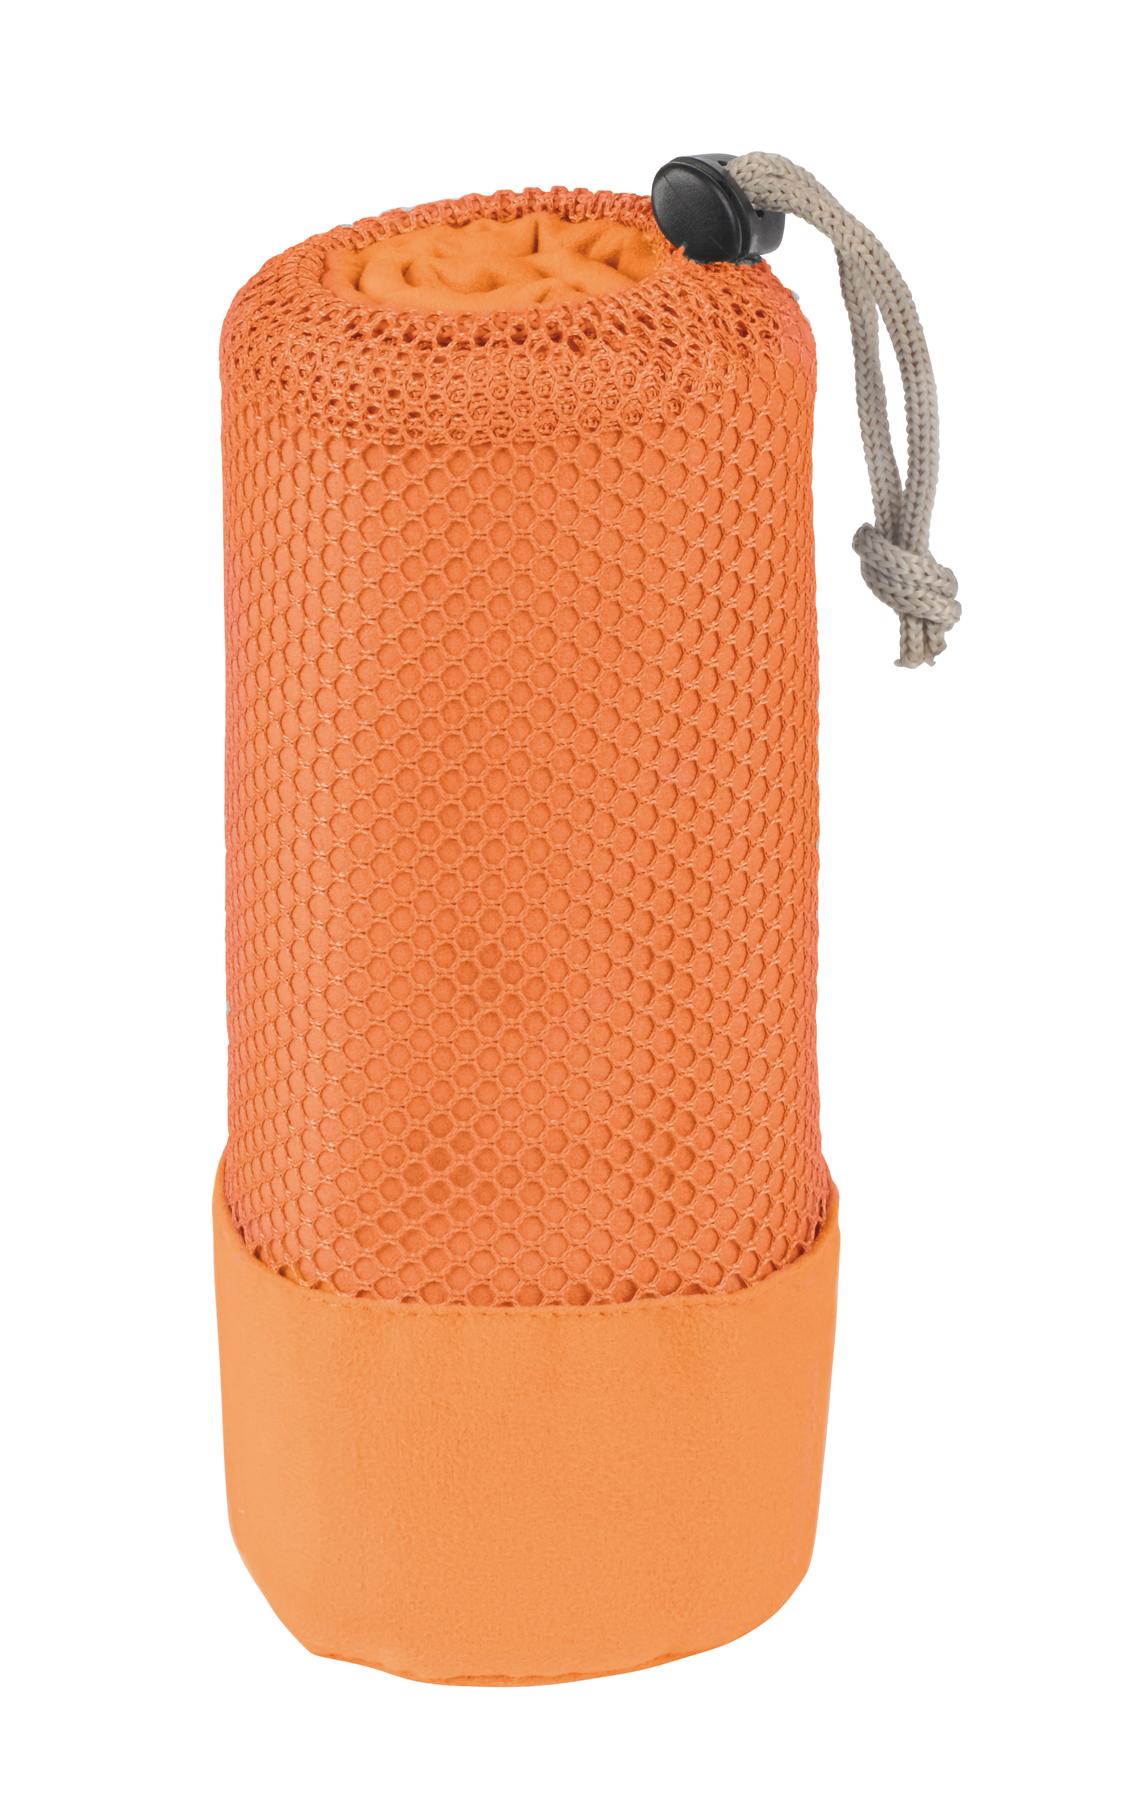 Ręcznik z mikrofibry FRESHNESS, pomarańczowy